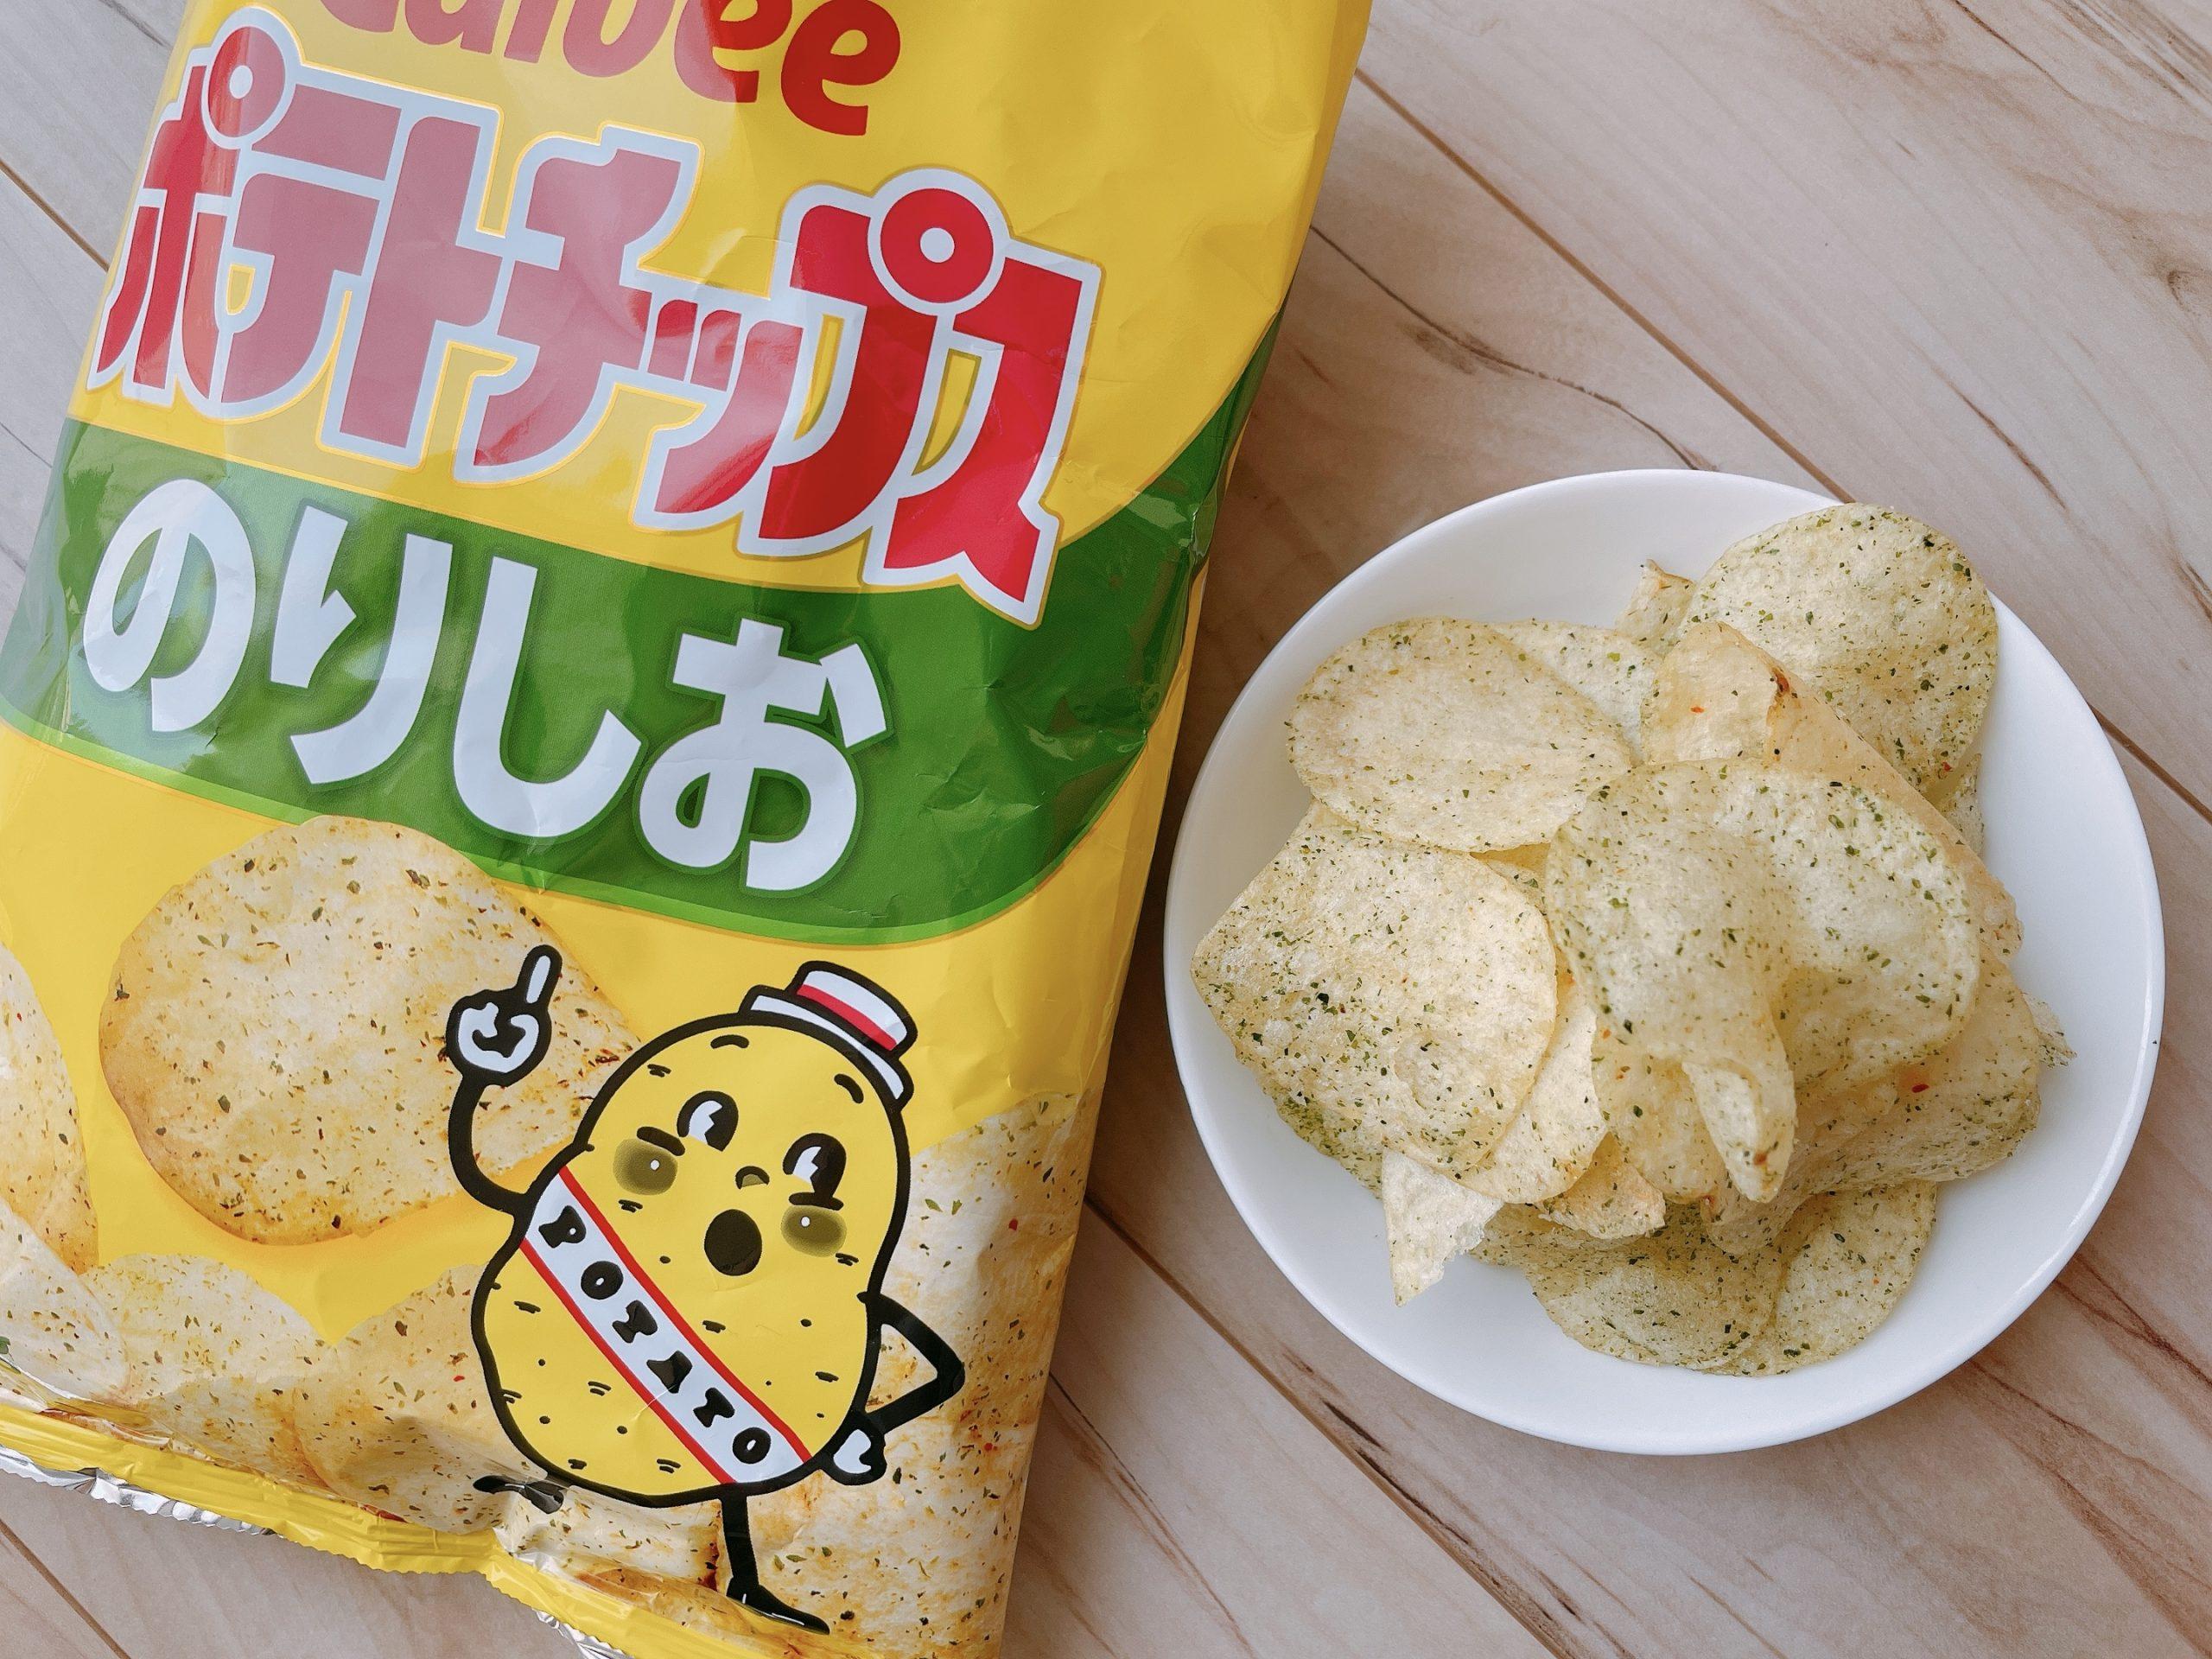 ポテトチップスのりしおの香りは、通常と変わらない?